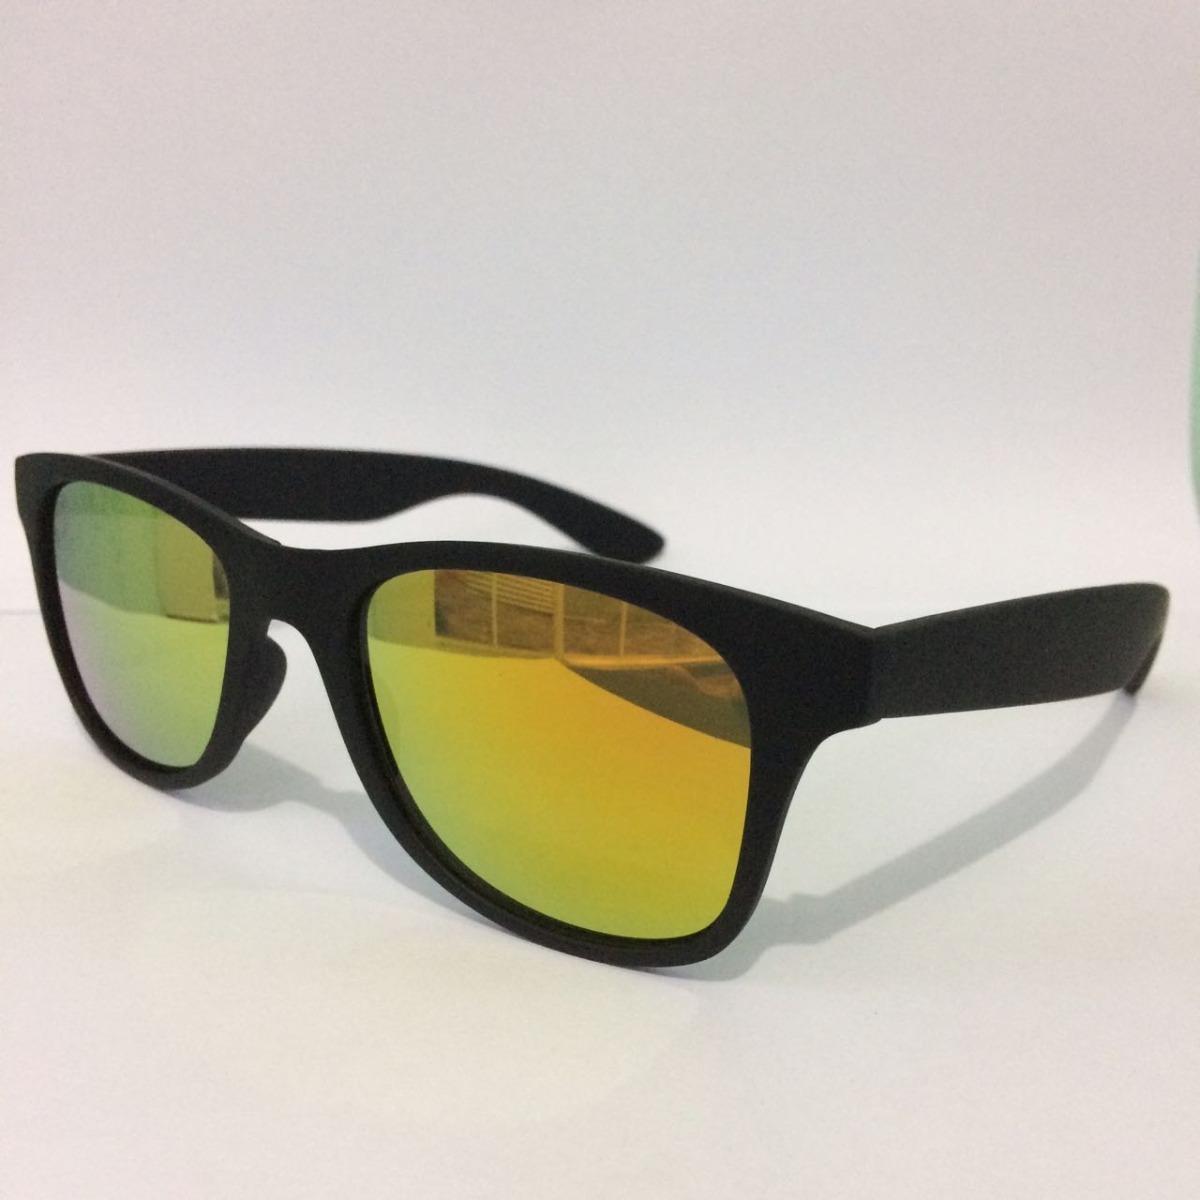 8f4987c21 óculos de sol feminino masculino quadrado espelhado. Carregando zoom.